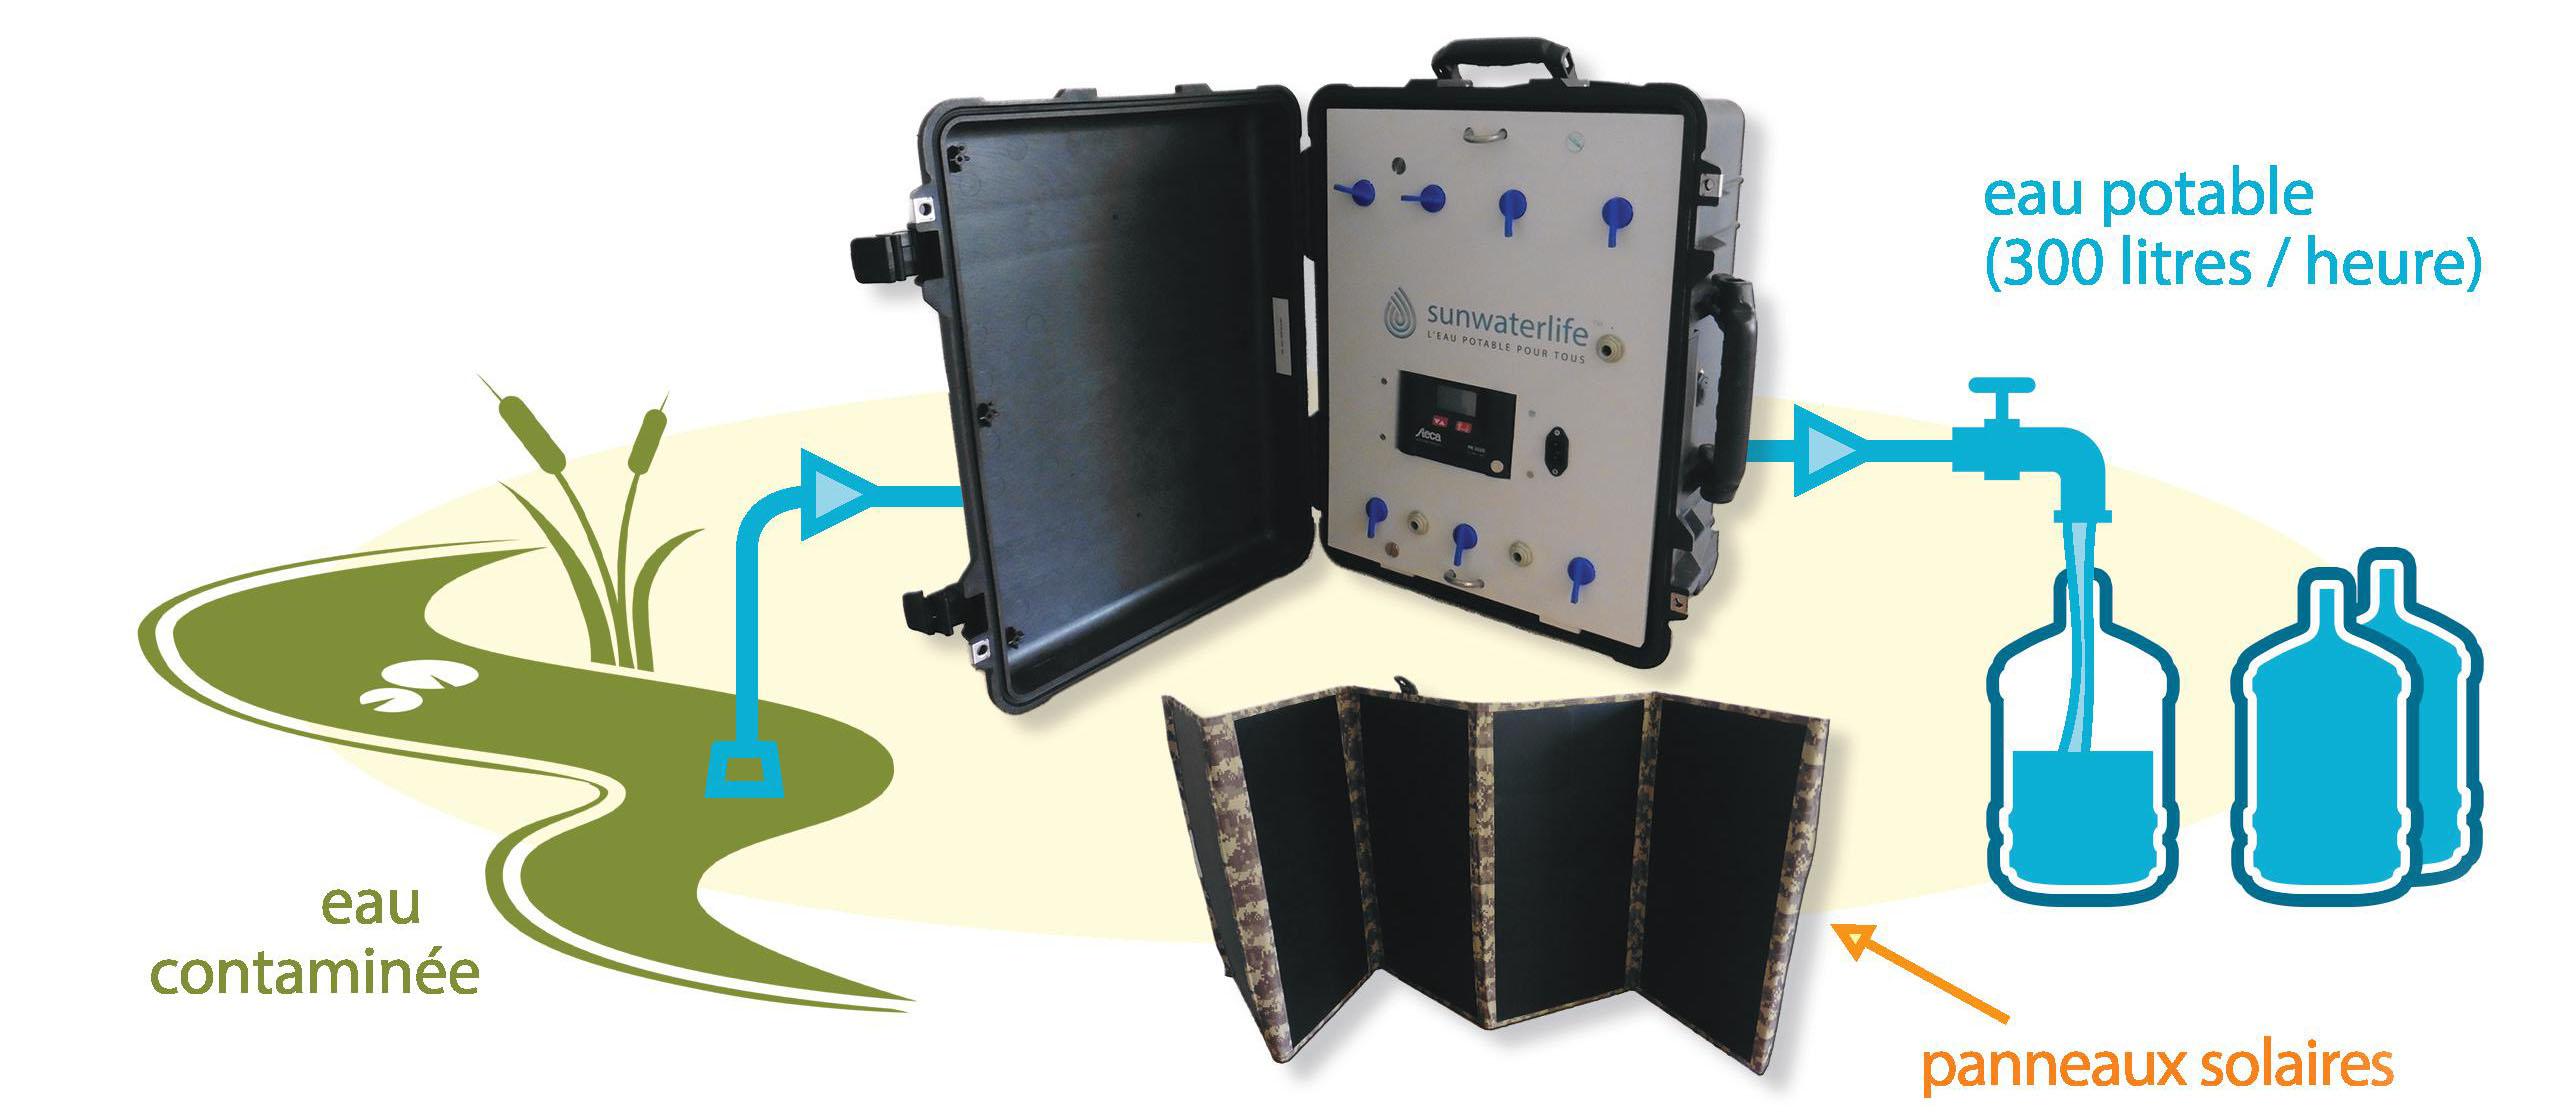 solarize-sunwaterlife-aqualink